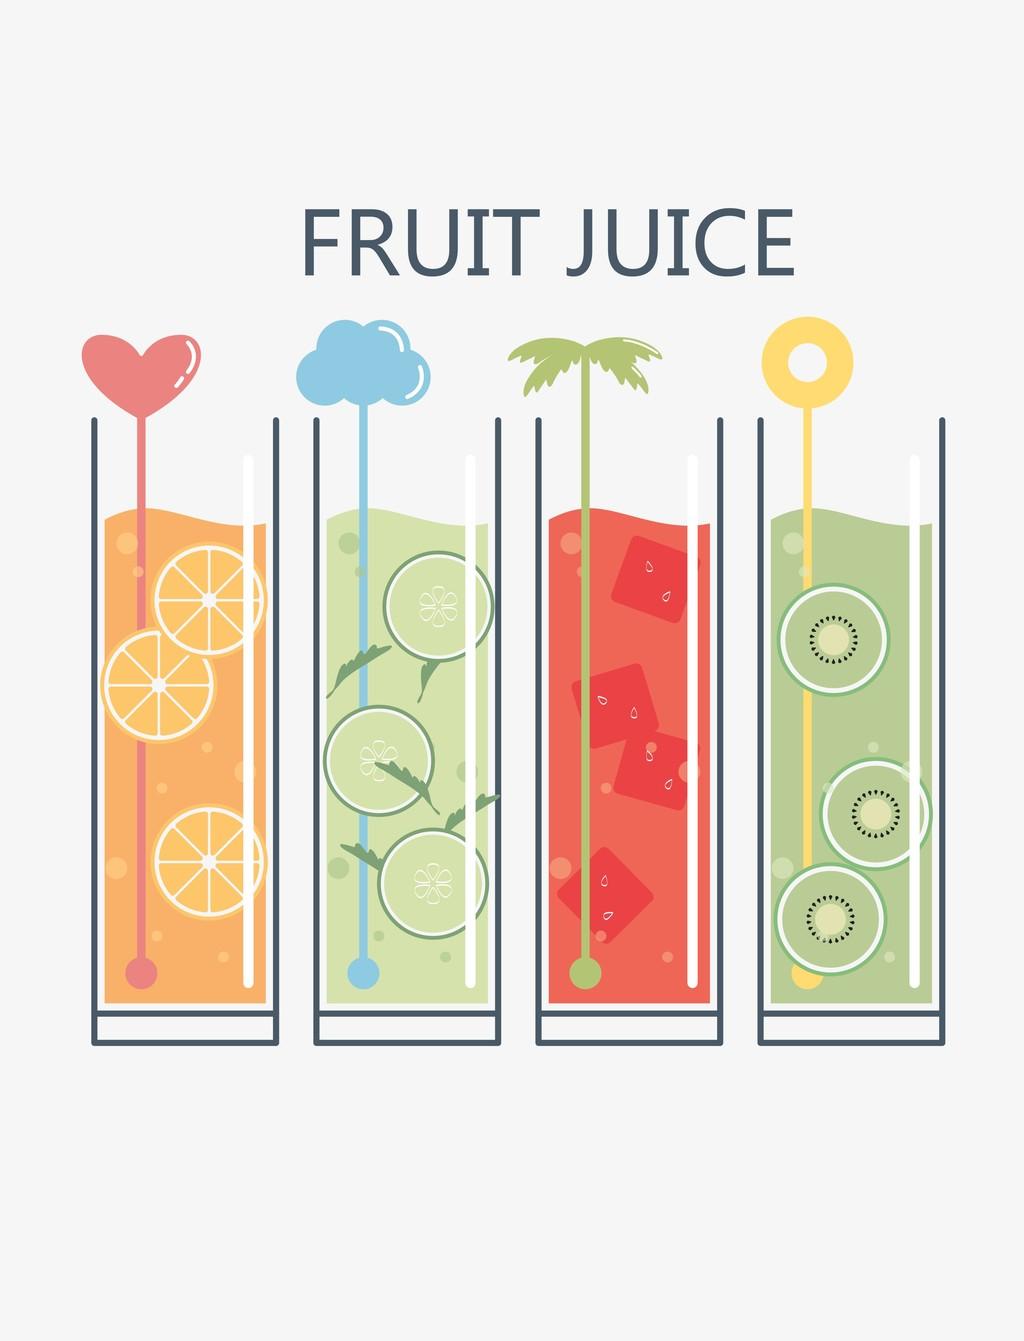 玻璃瓶卡通图案水果饮料